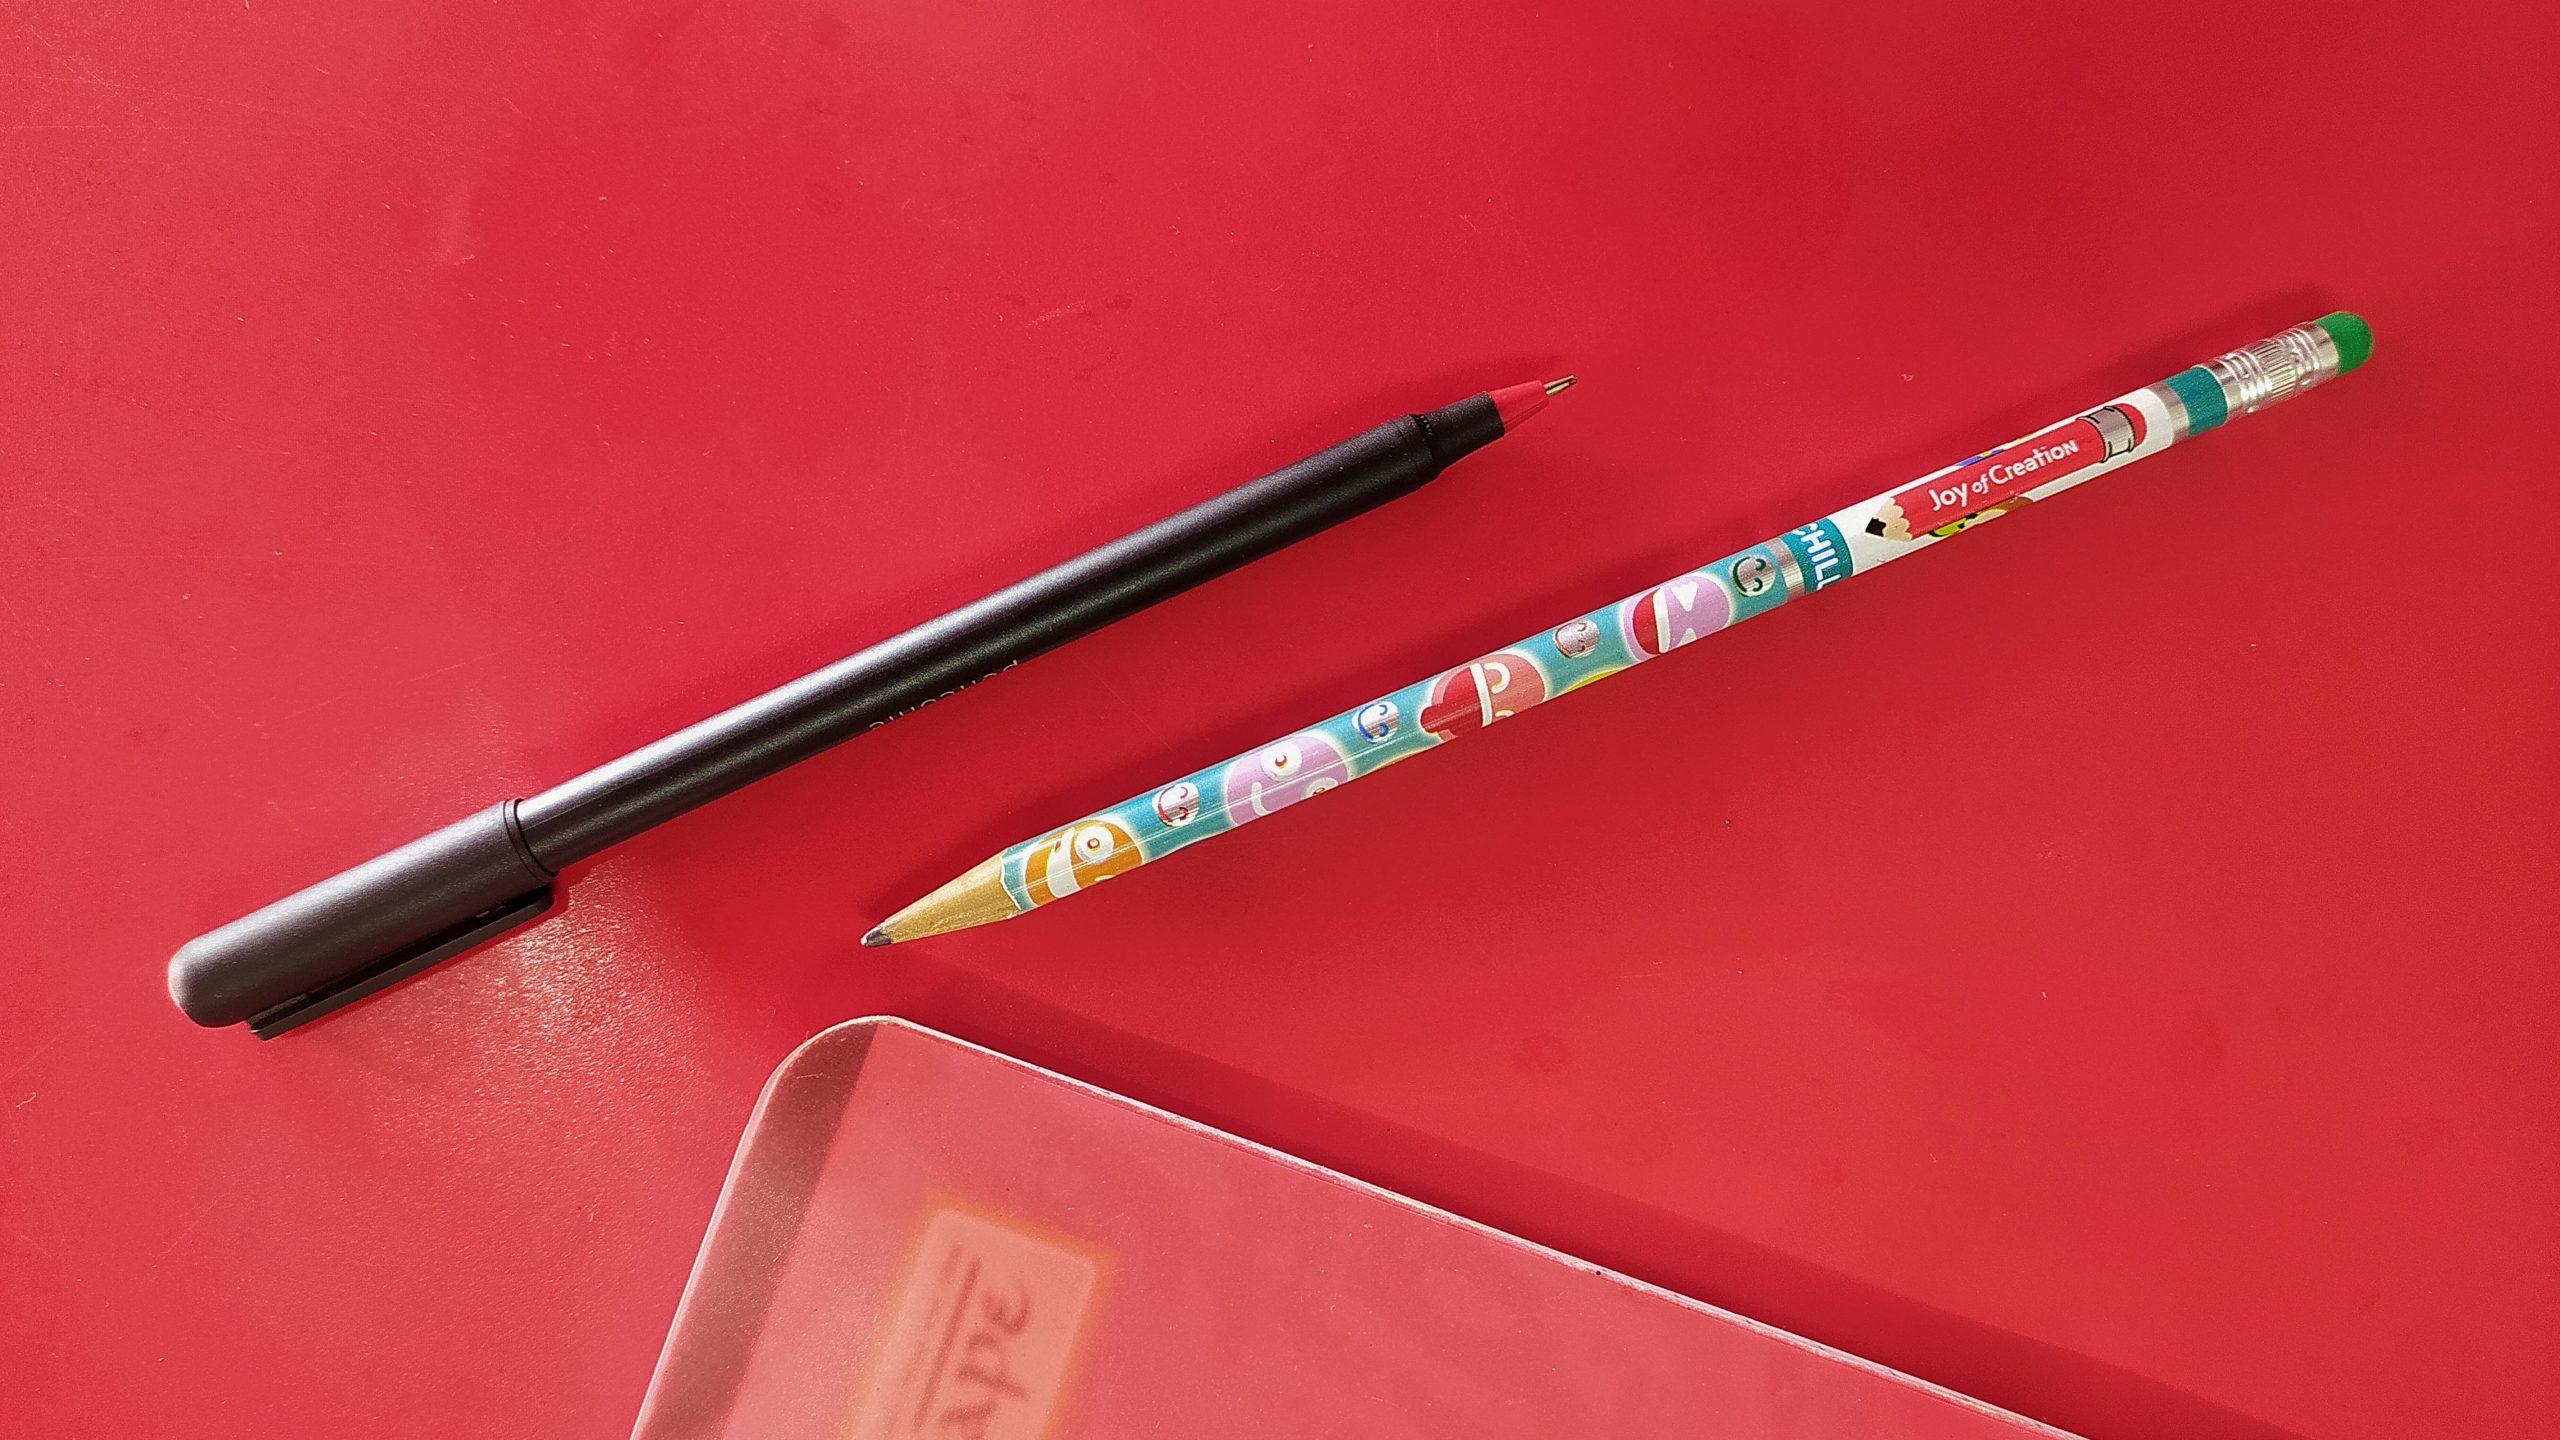 Ball pen with sketch pen